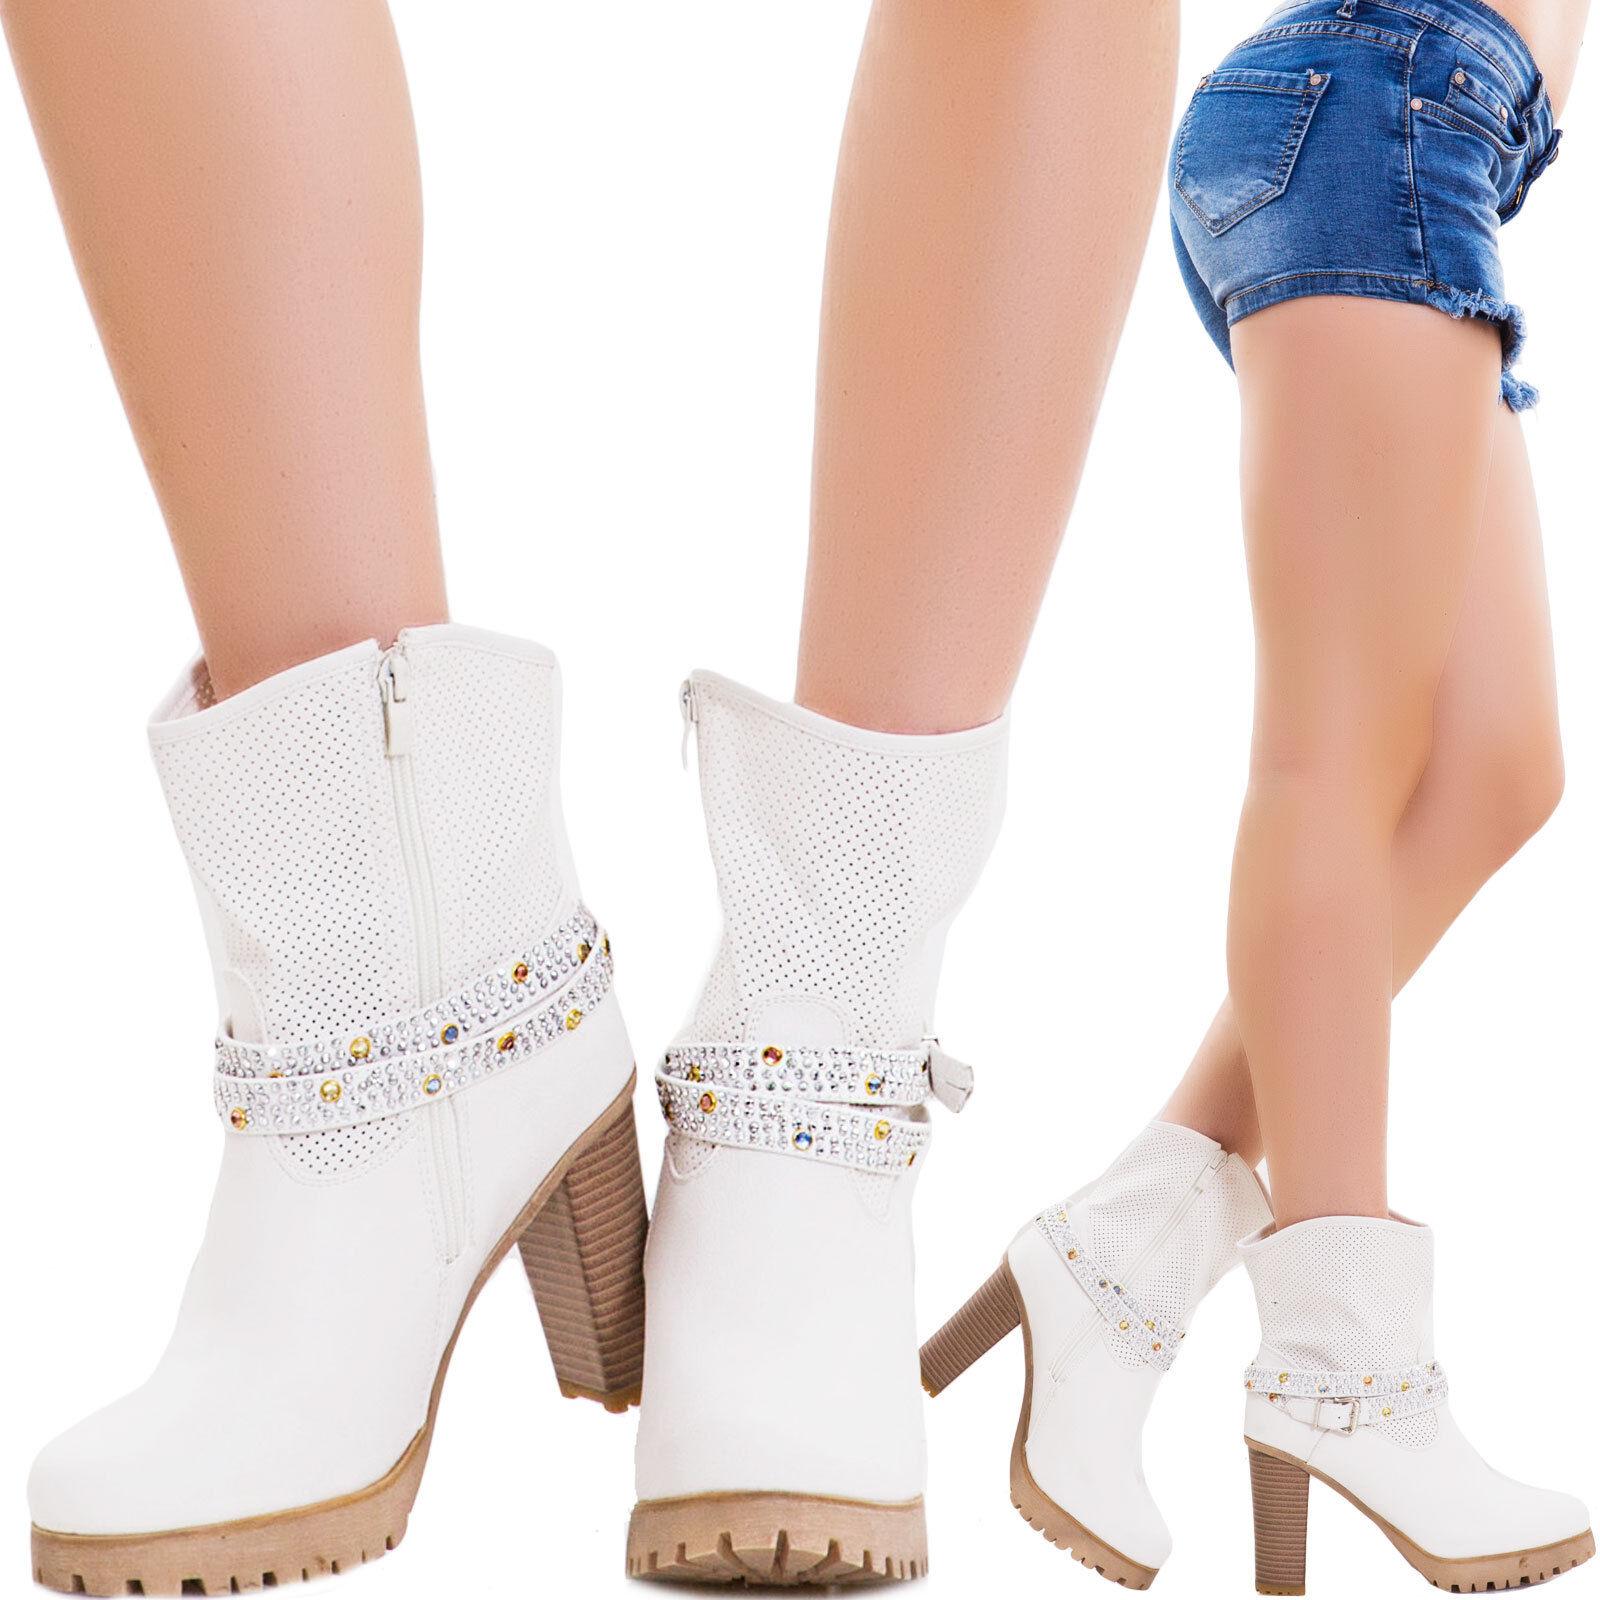 Stivali texani donna cinturino fibbia strass scarpe traforati nuovi B16313